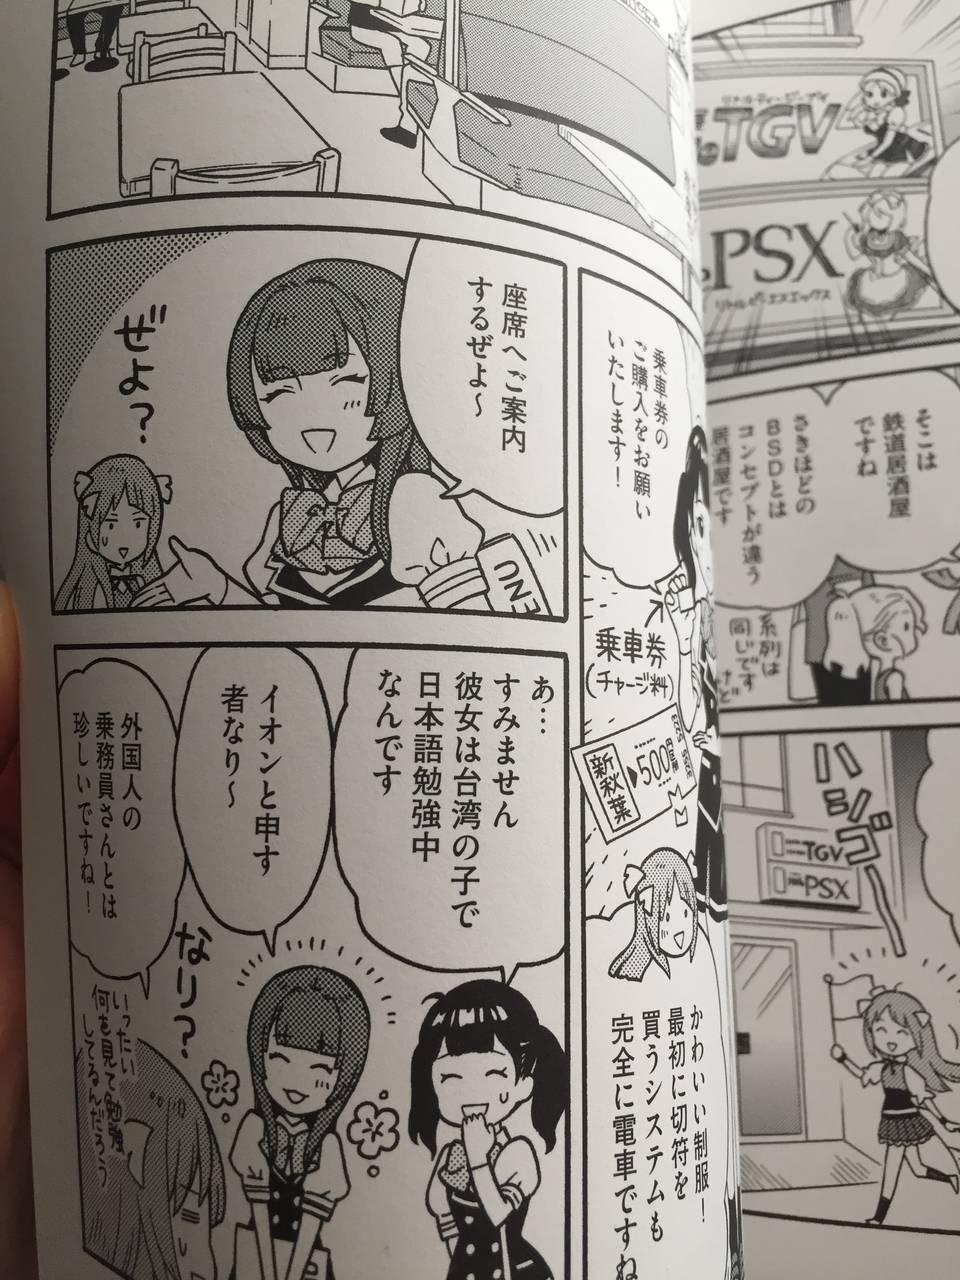 ▲漫畫「日本が愛されるワケをアキバで見つけました。」(秋葉原観光推進協会出版)中出現的我